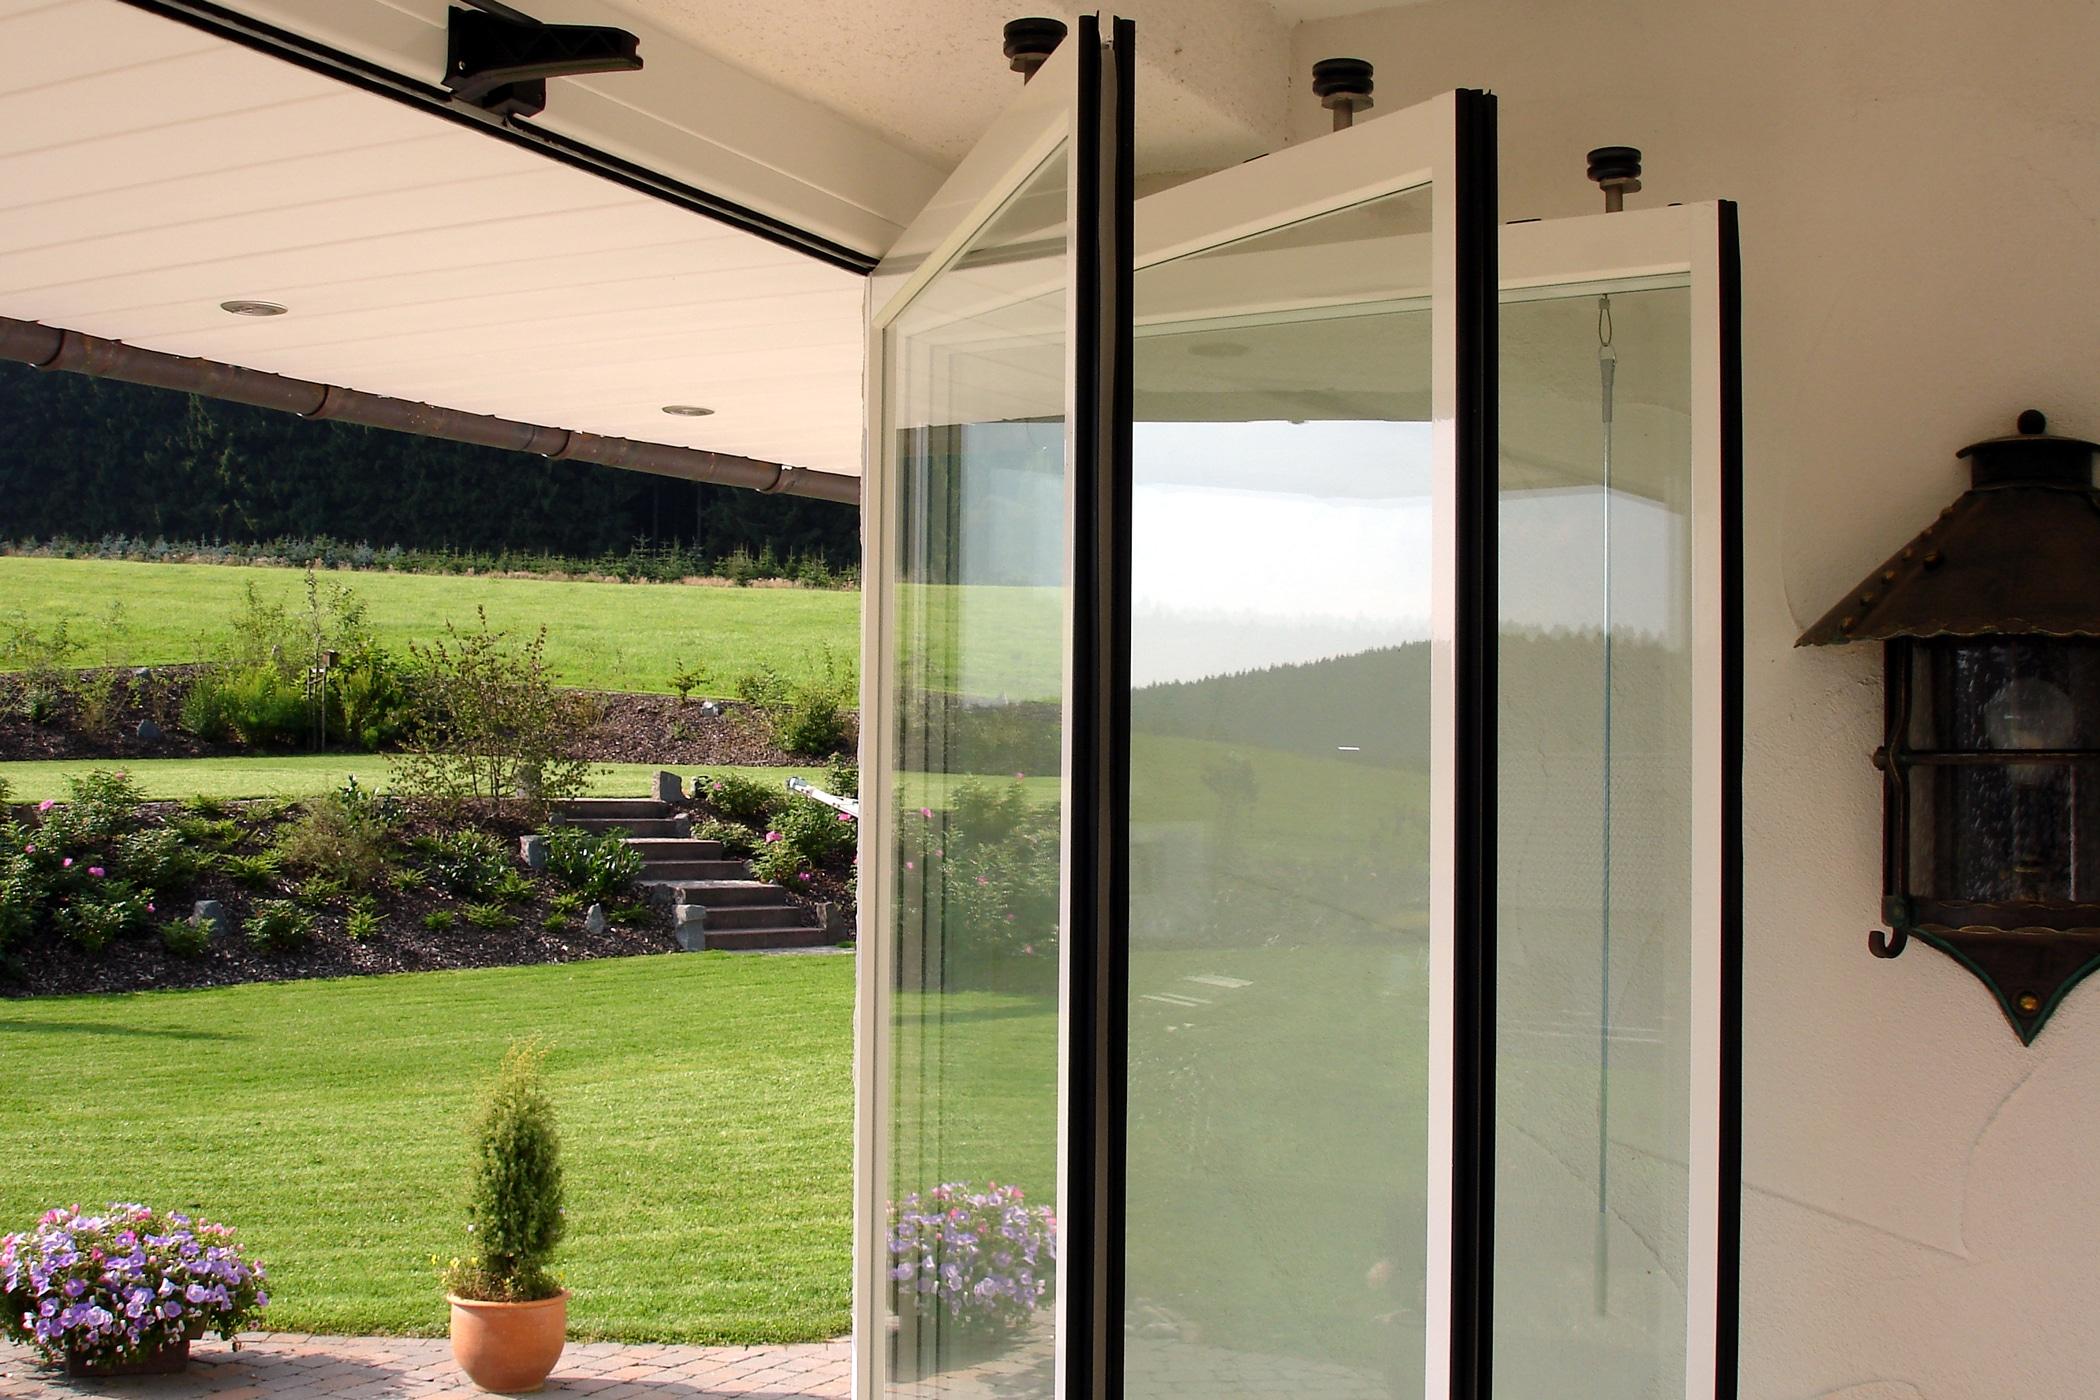 Gerahmte Schiebe-Dreh-Wandsysteme Sunflex